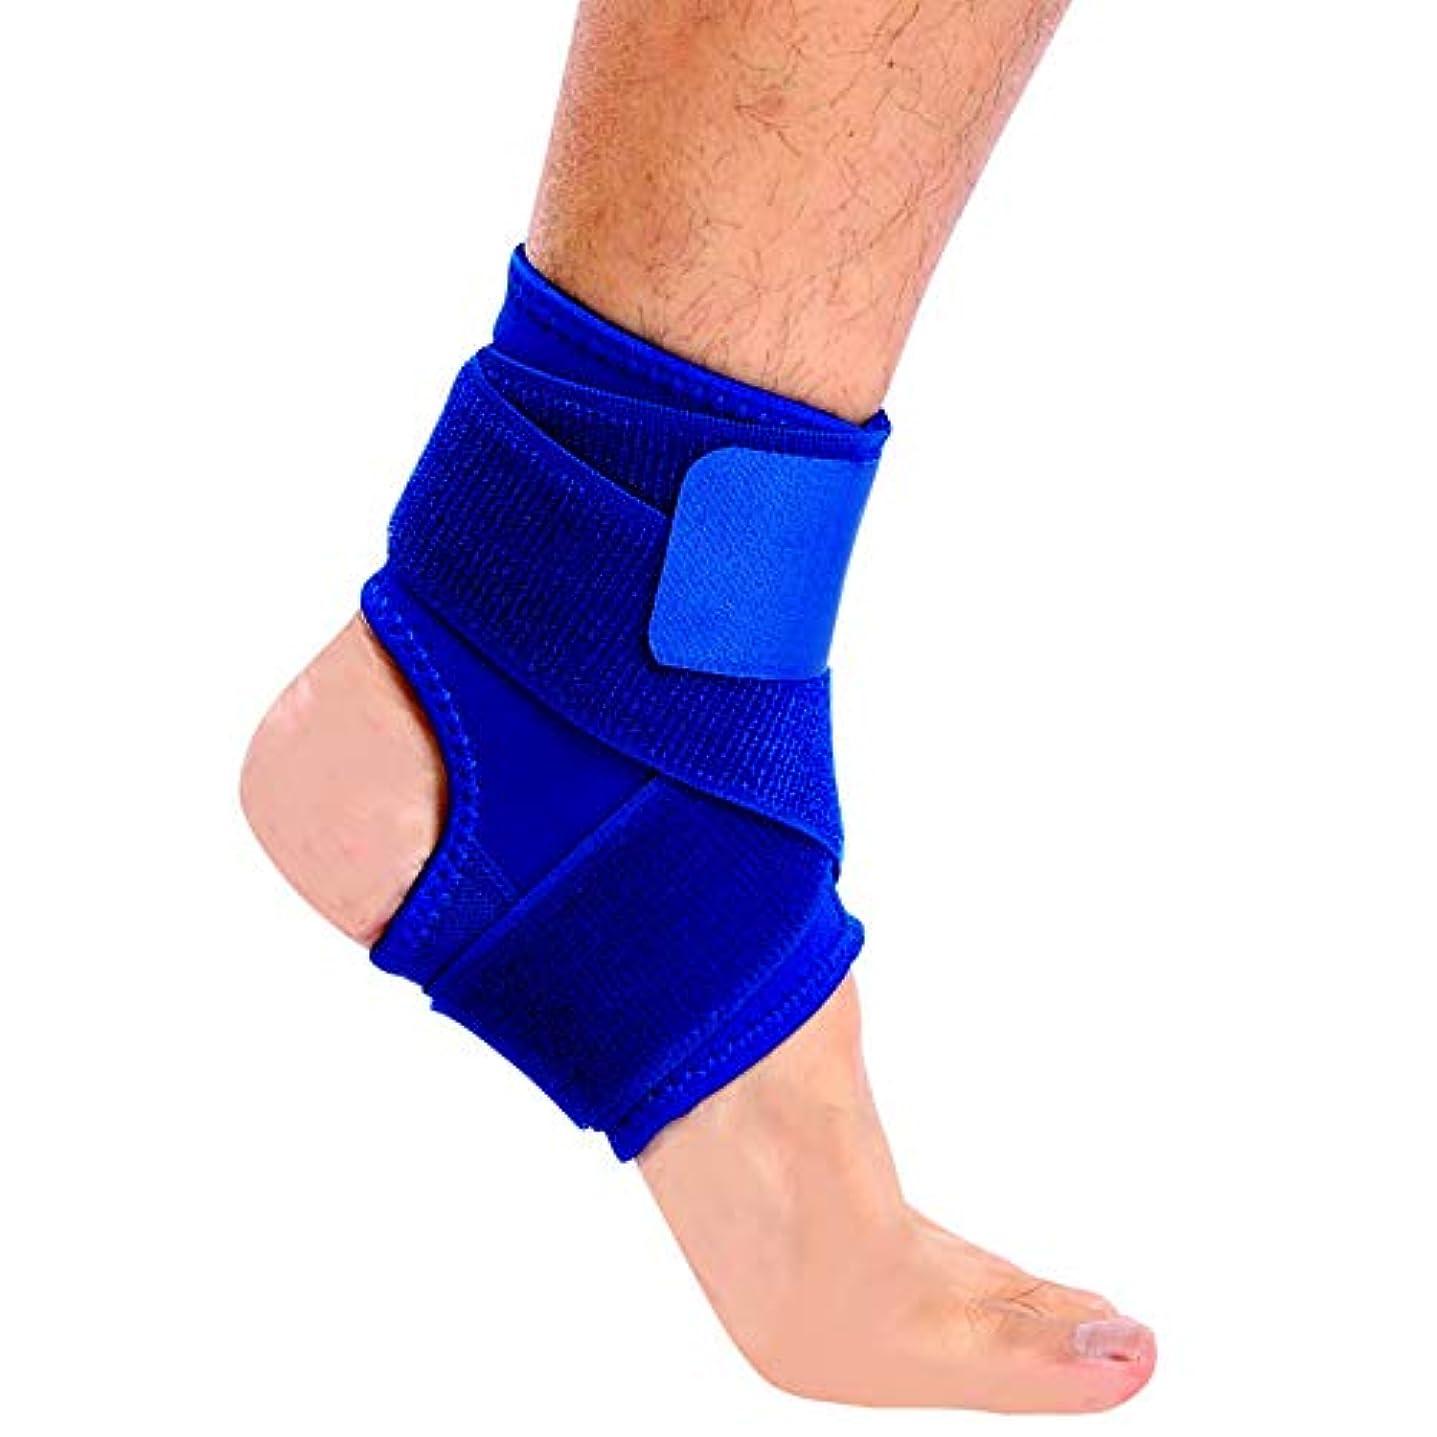 チョップ再編成するカート足首のサポート、調節可能 ネオプレン素材、運動に適し、慢性的な足首の負担を防ぐ、捻挫の疲労など